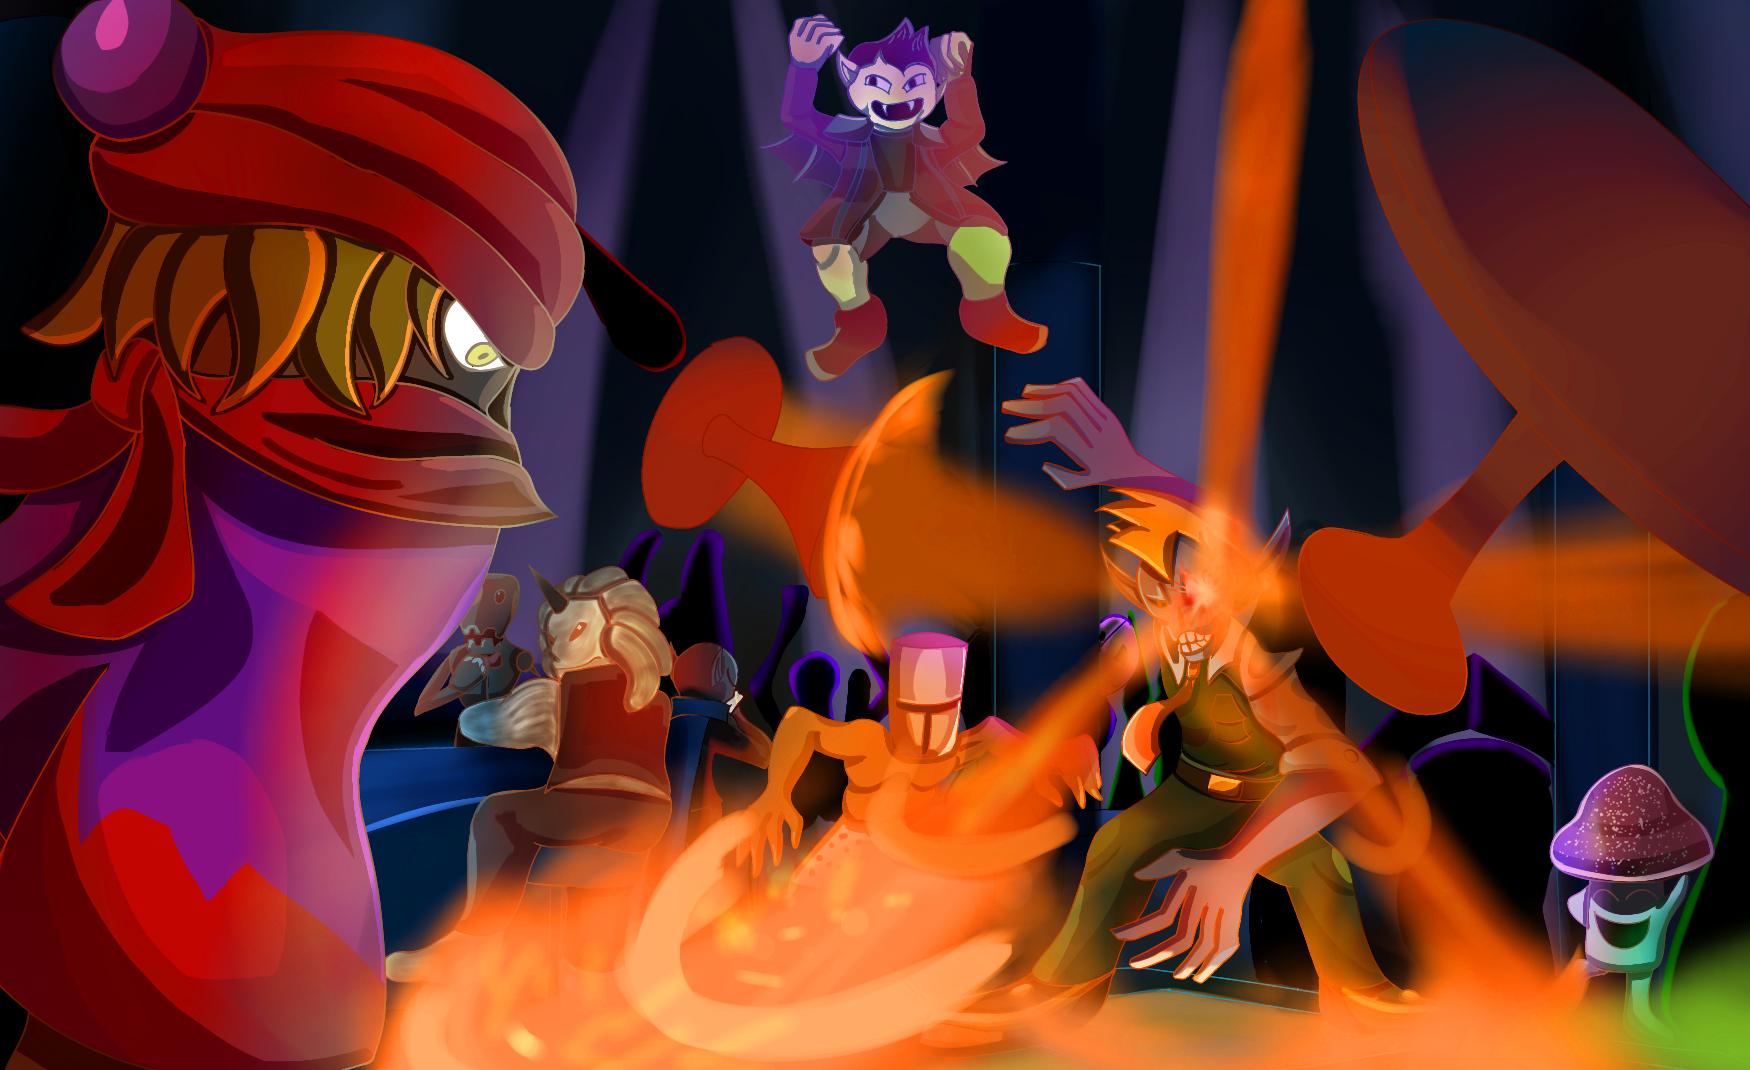 everhood-dancefloor is lava